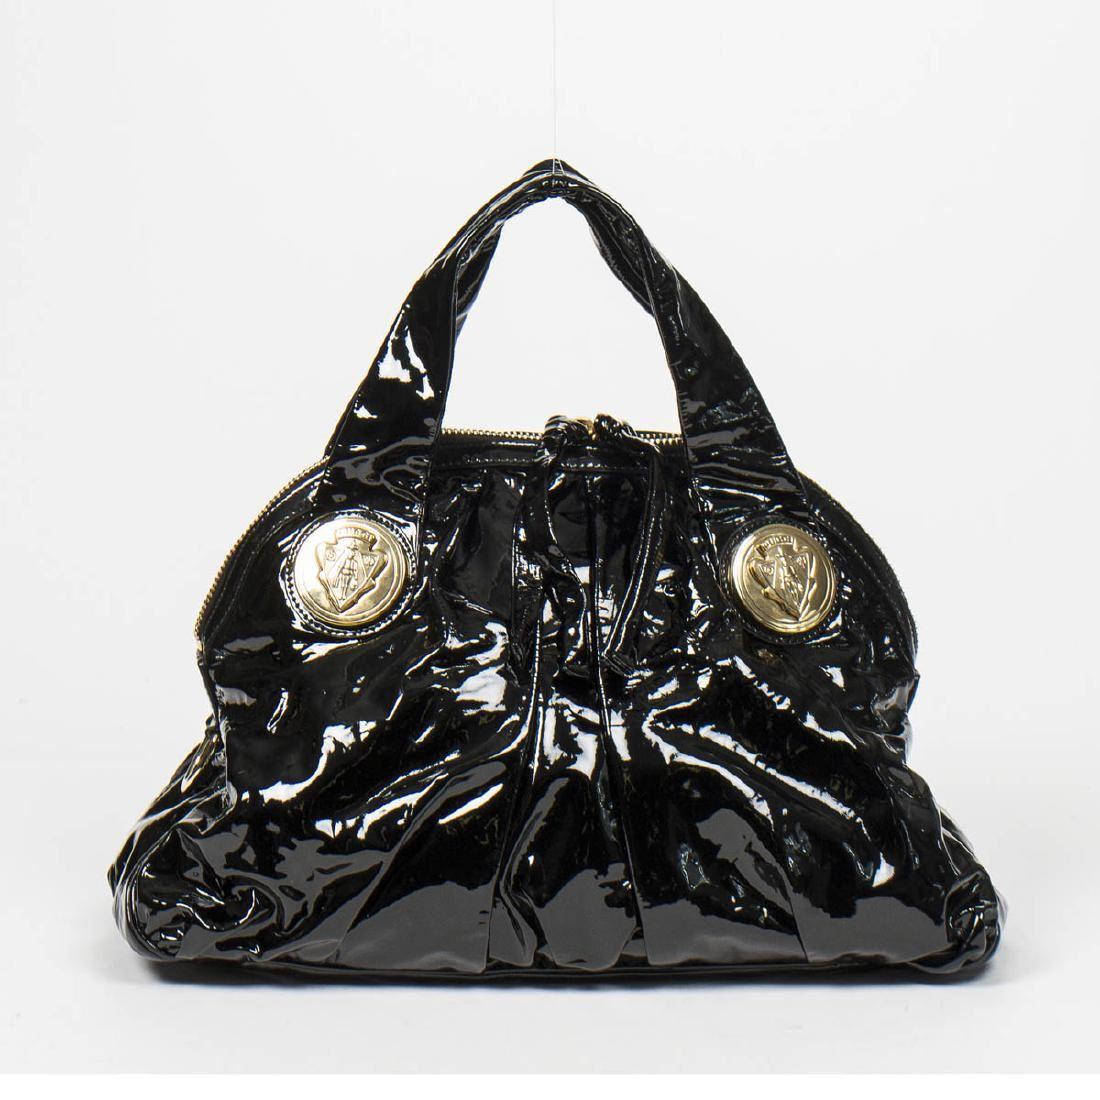 79b5c8ede68 Image 1   GUCCI Hysteria Tote in Black Patent Leather ...